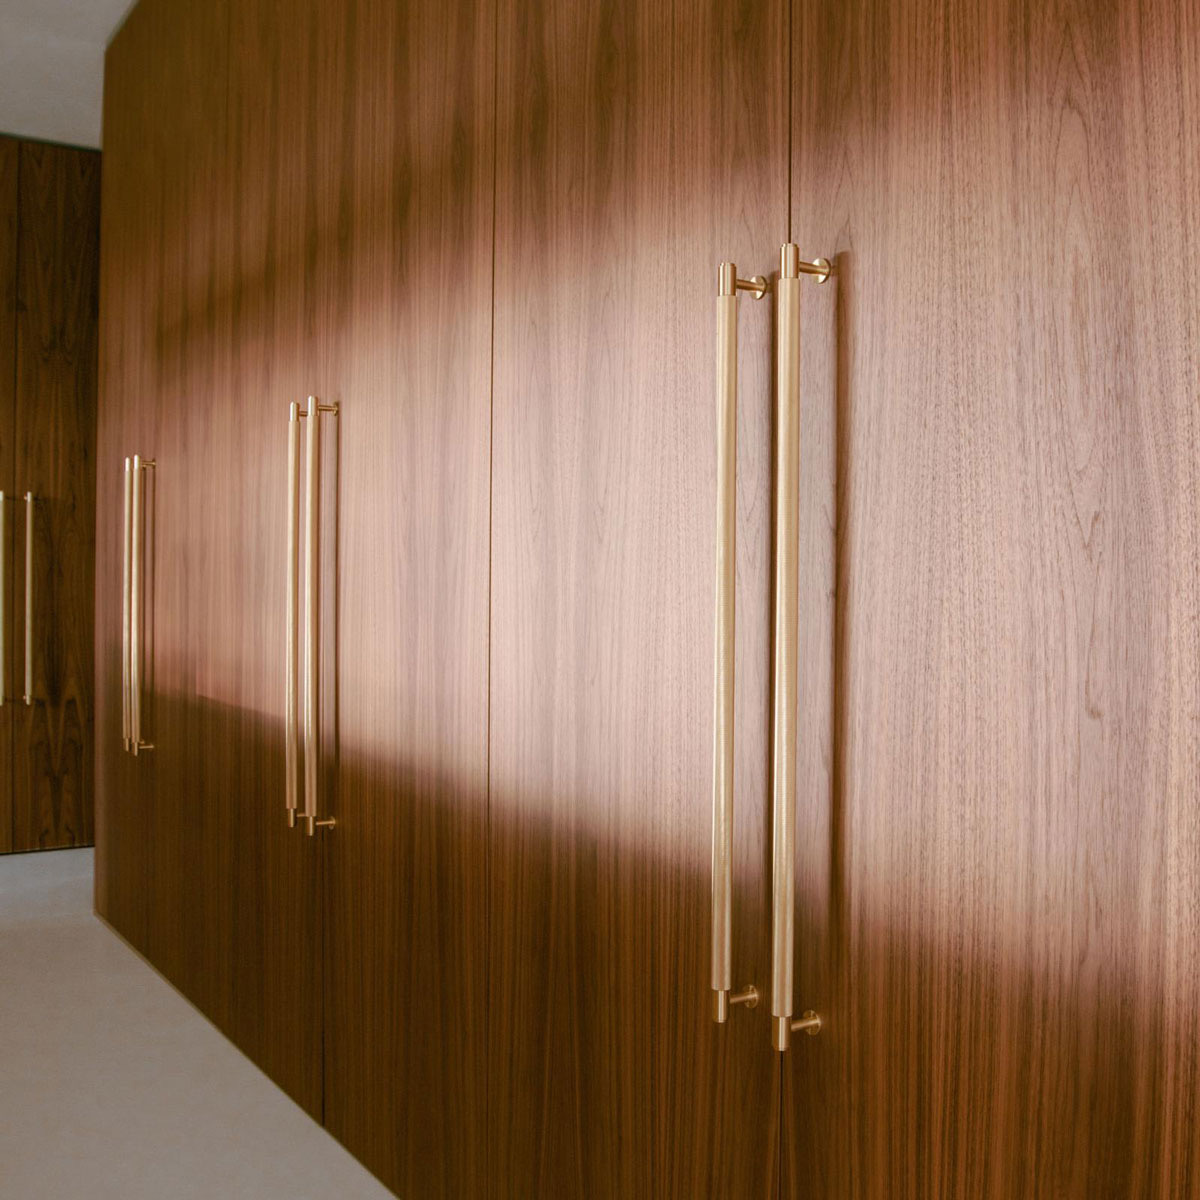 Brass Closet Bar